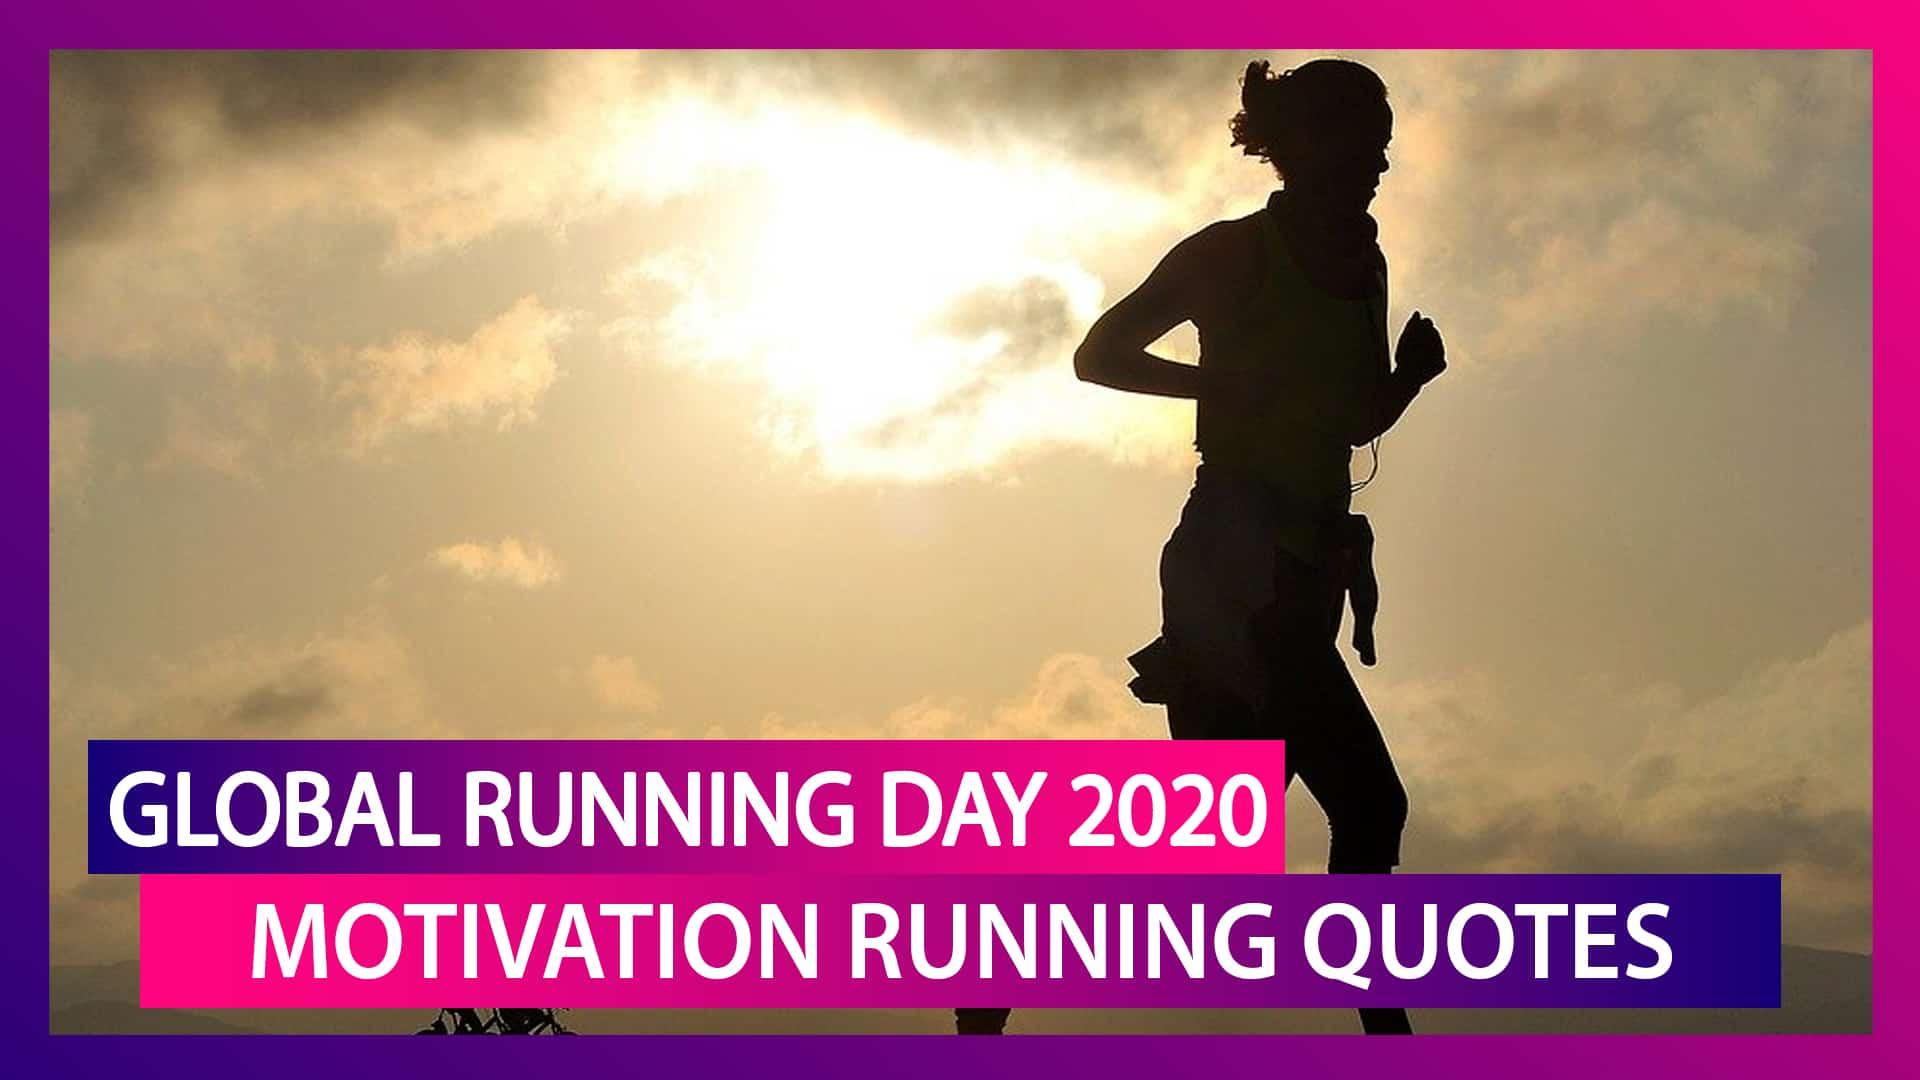 Global Running Day Meme 2